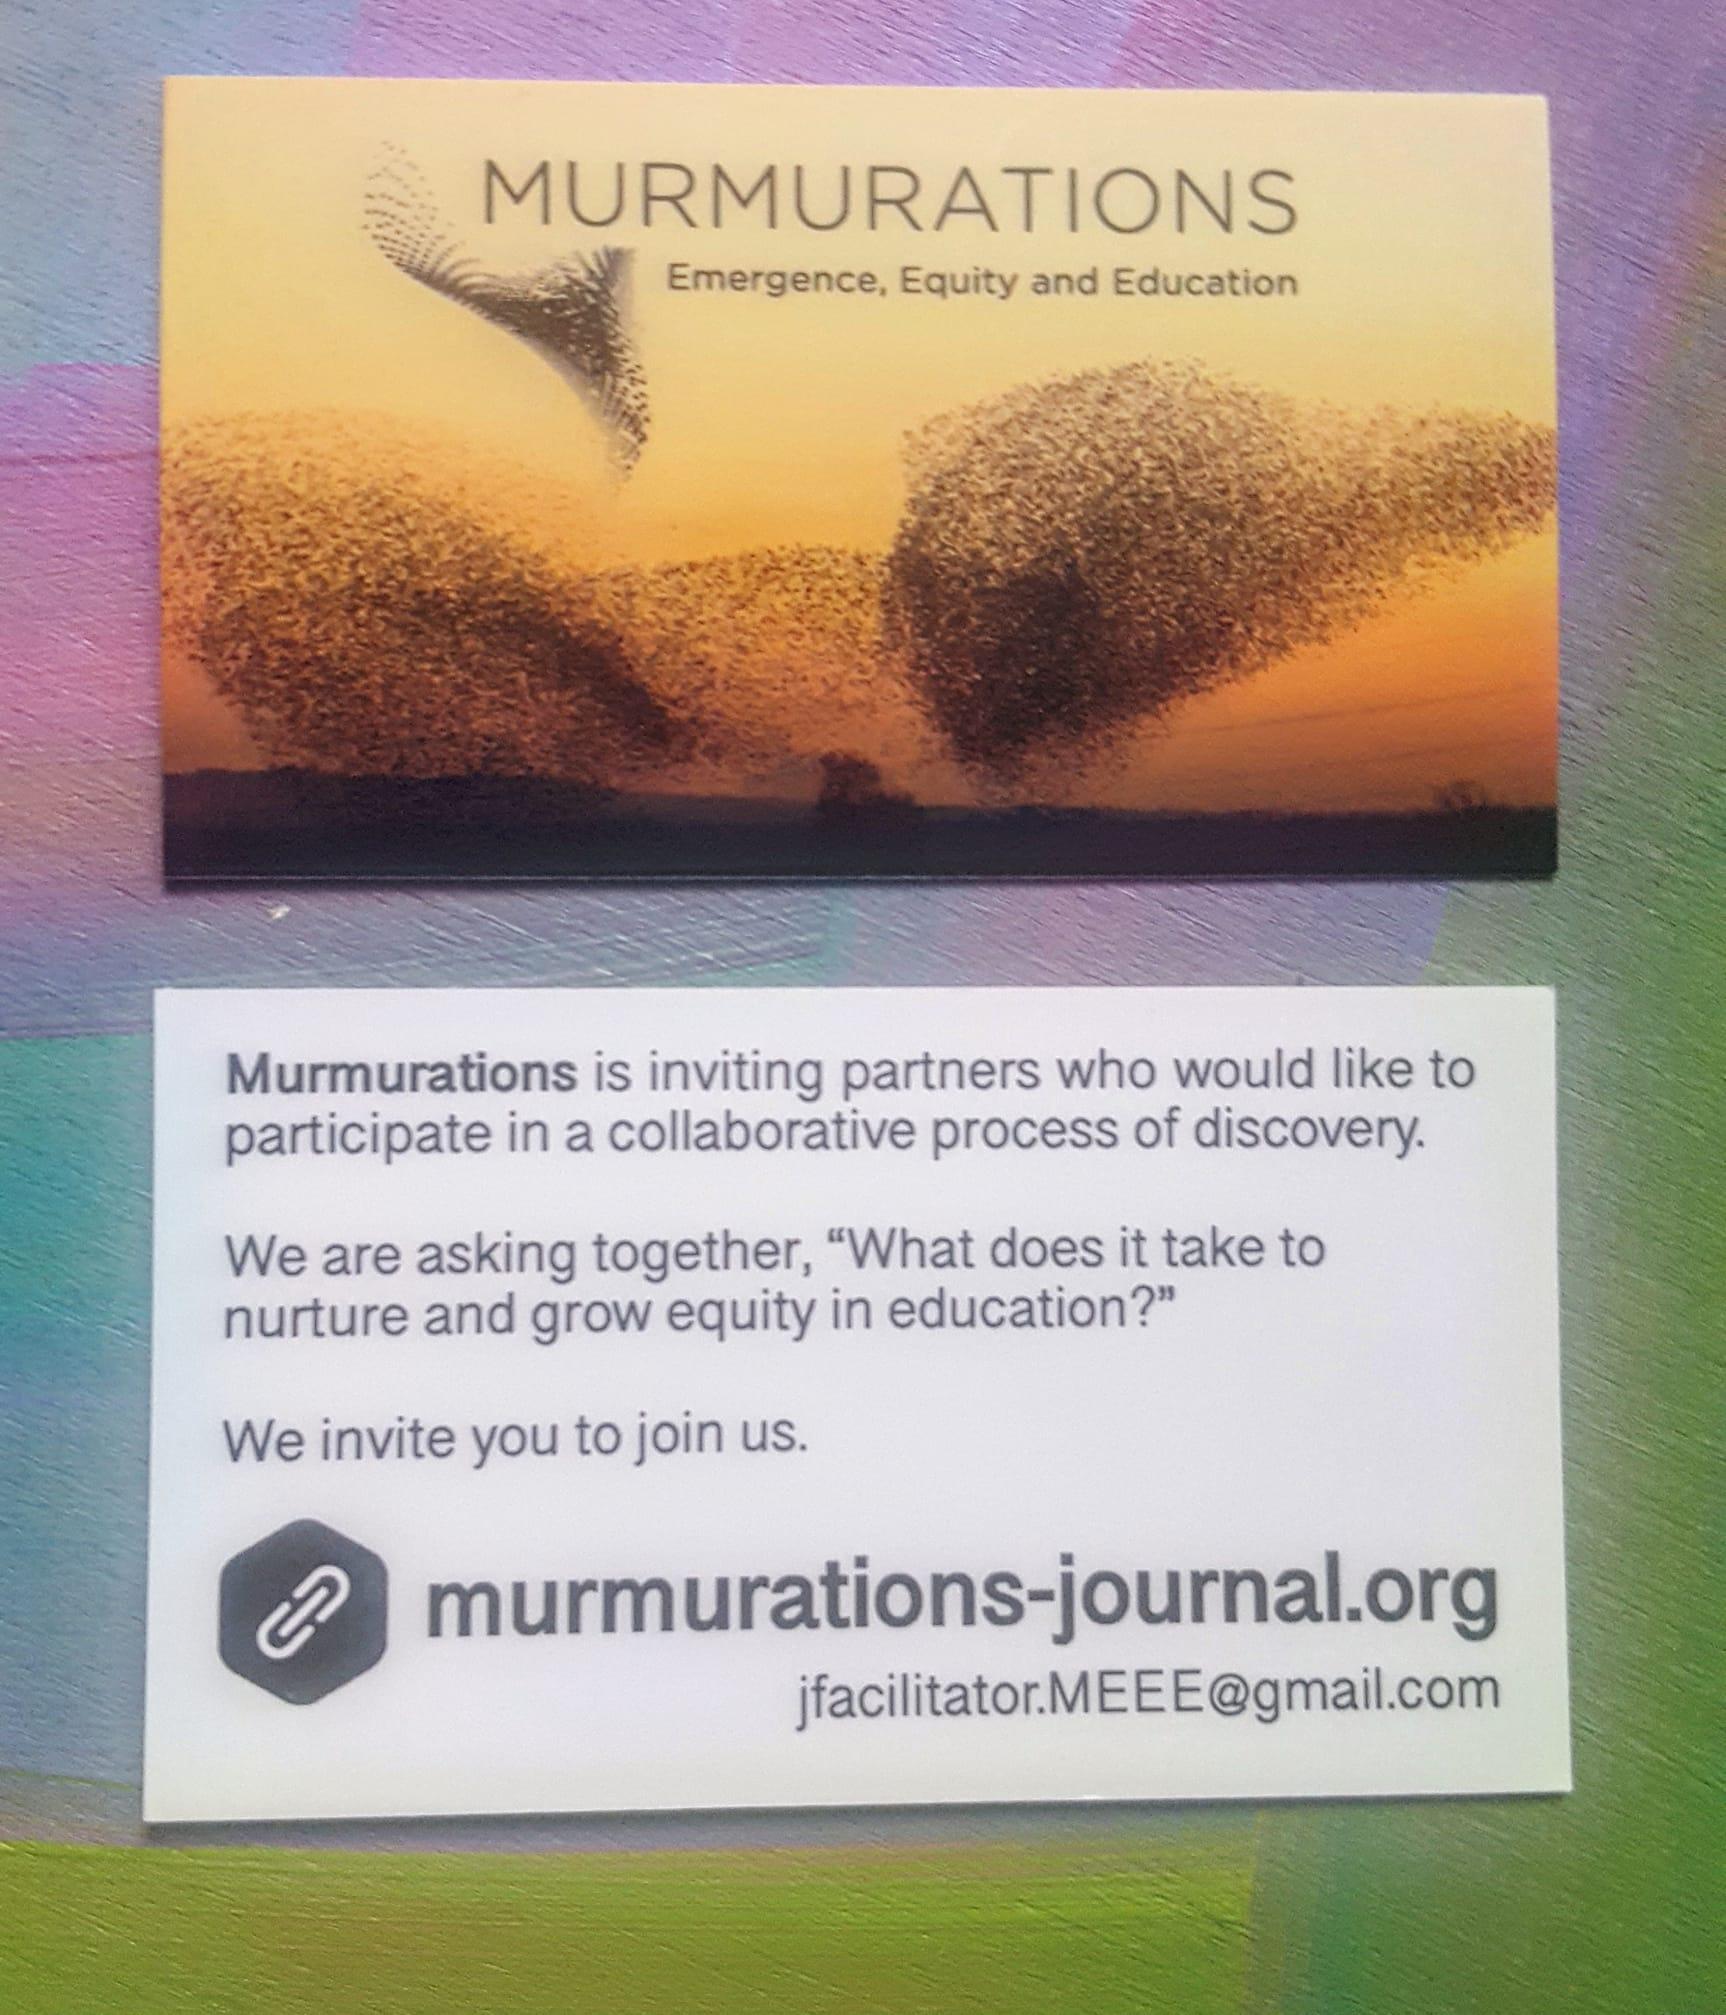 murmurations.jpg